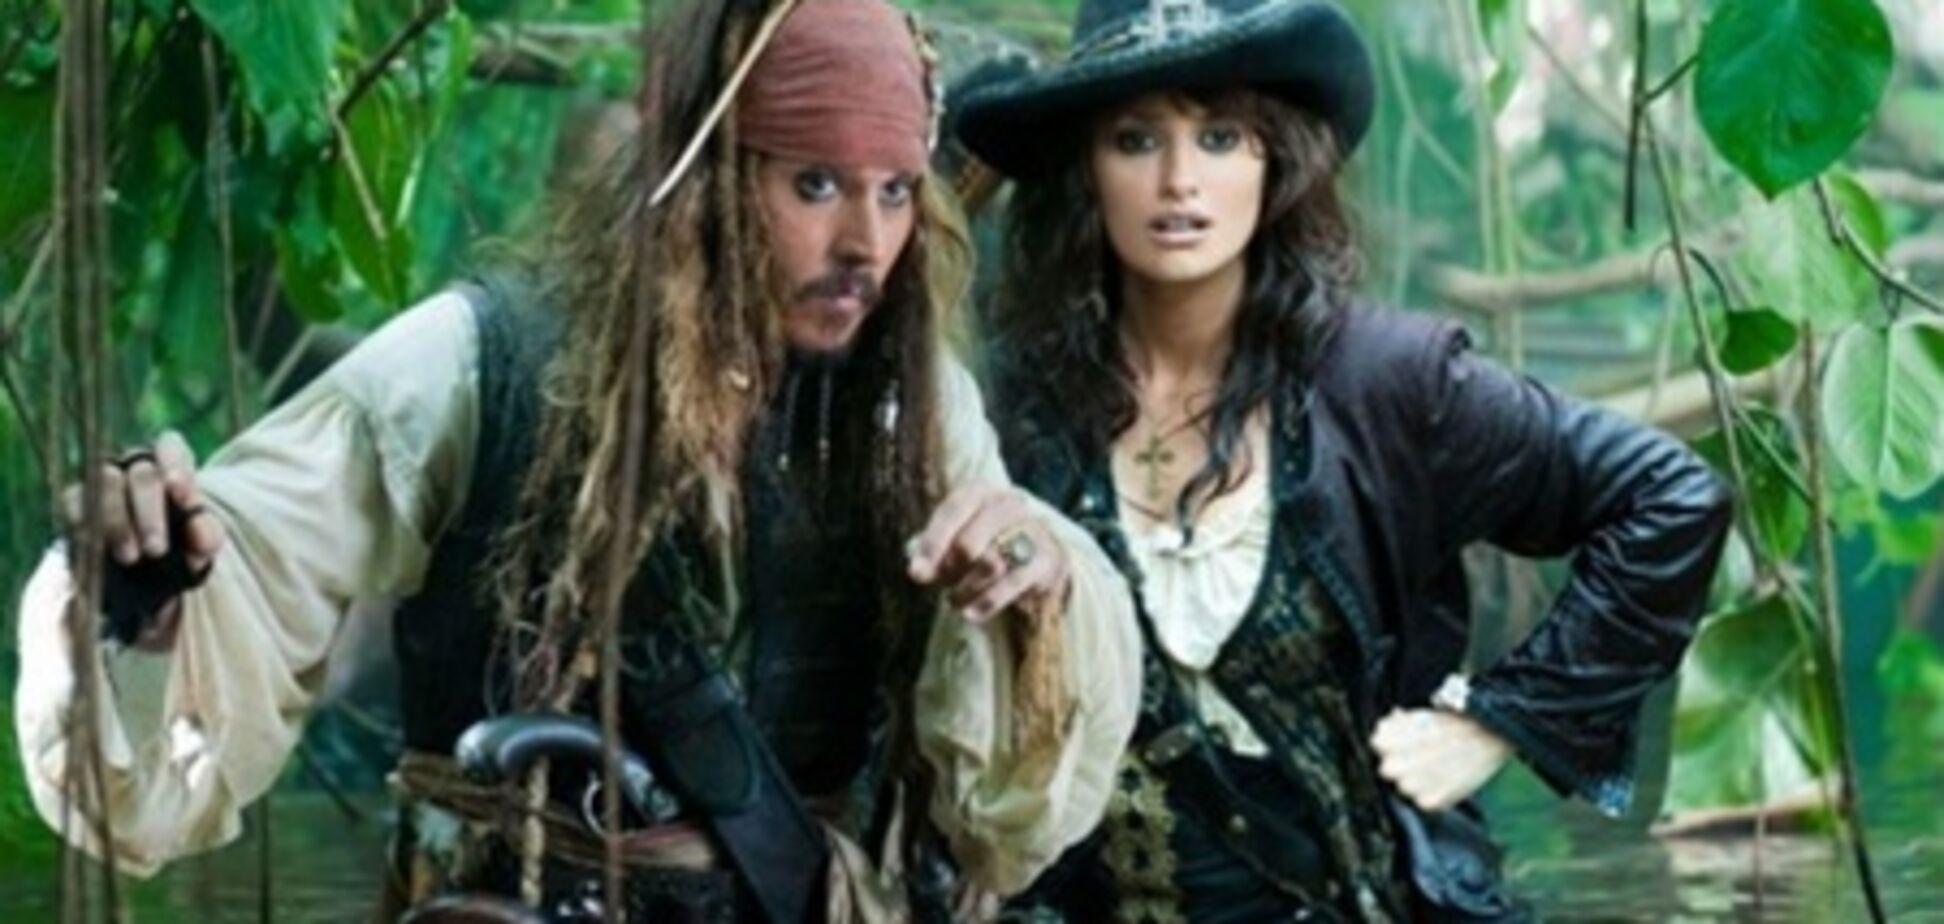 Режиссеры 'Кон-Тики' займутся 'Пиратами Карибского моря'